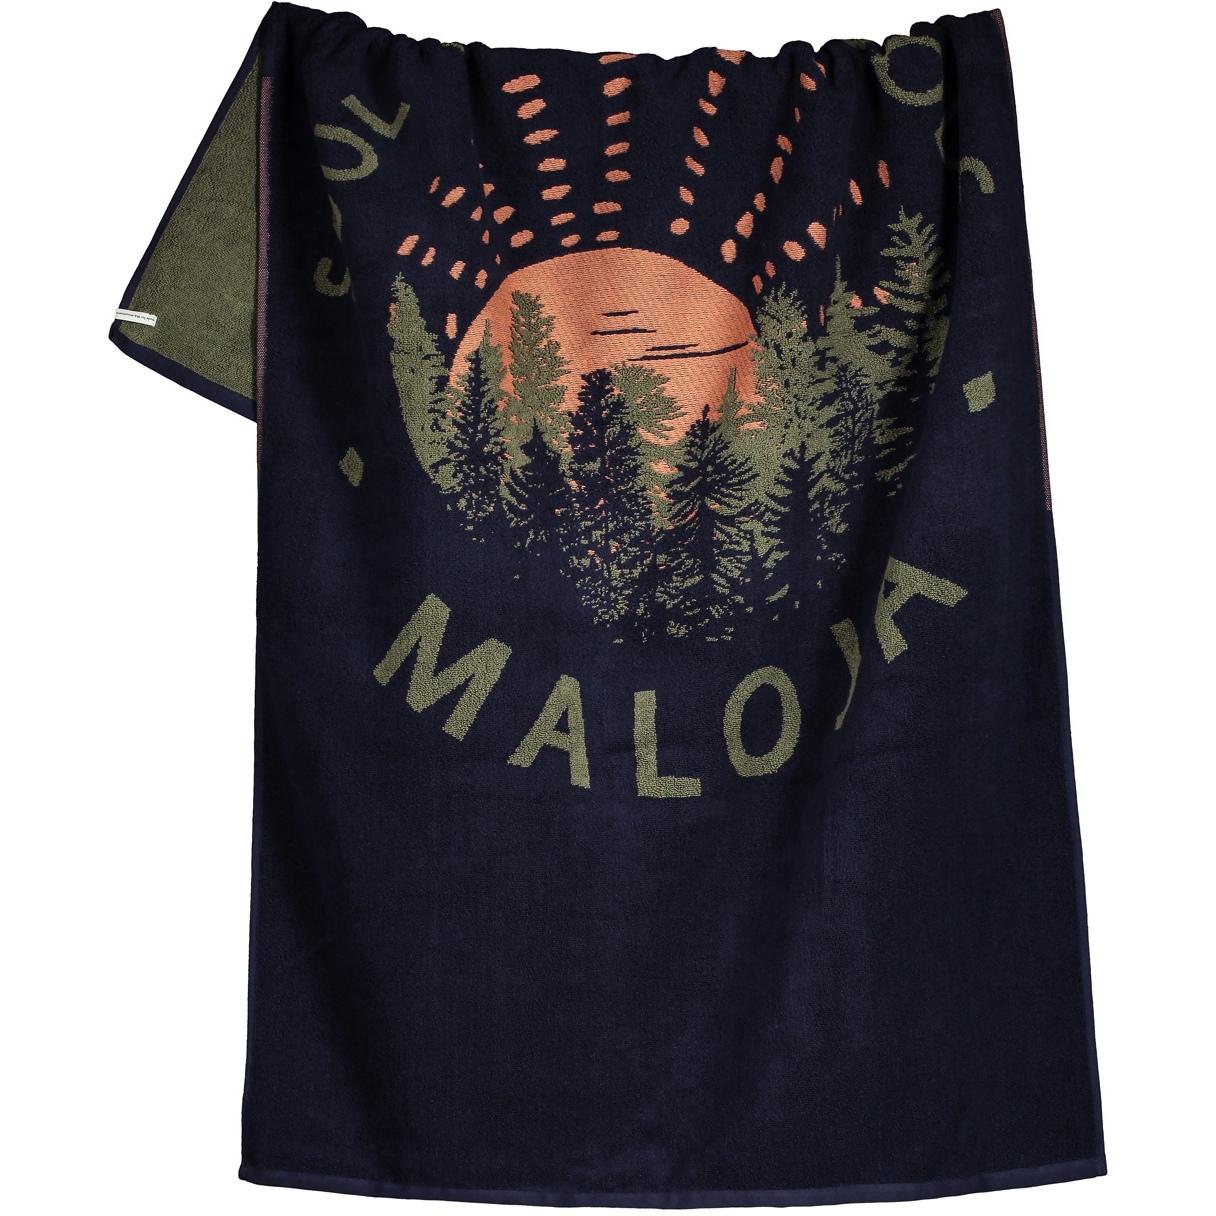 Maloja FunkeM. Towel - night sky 8325